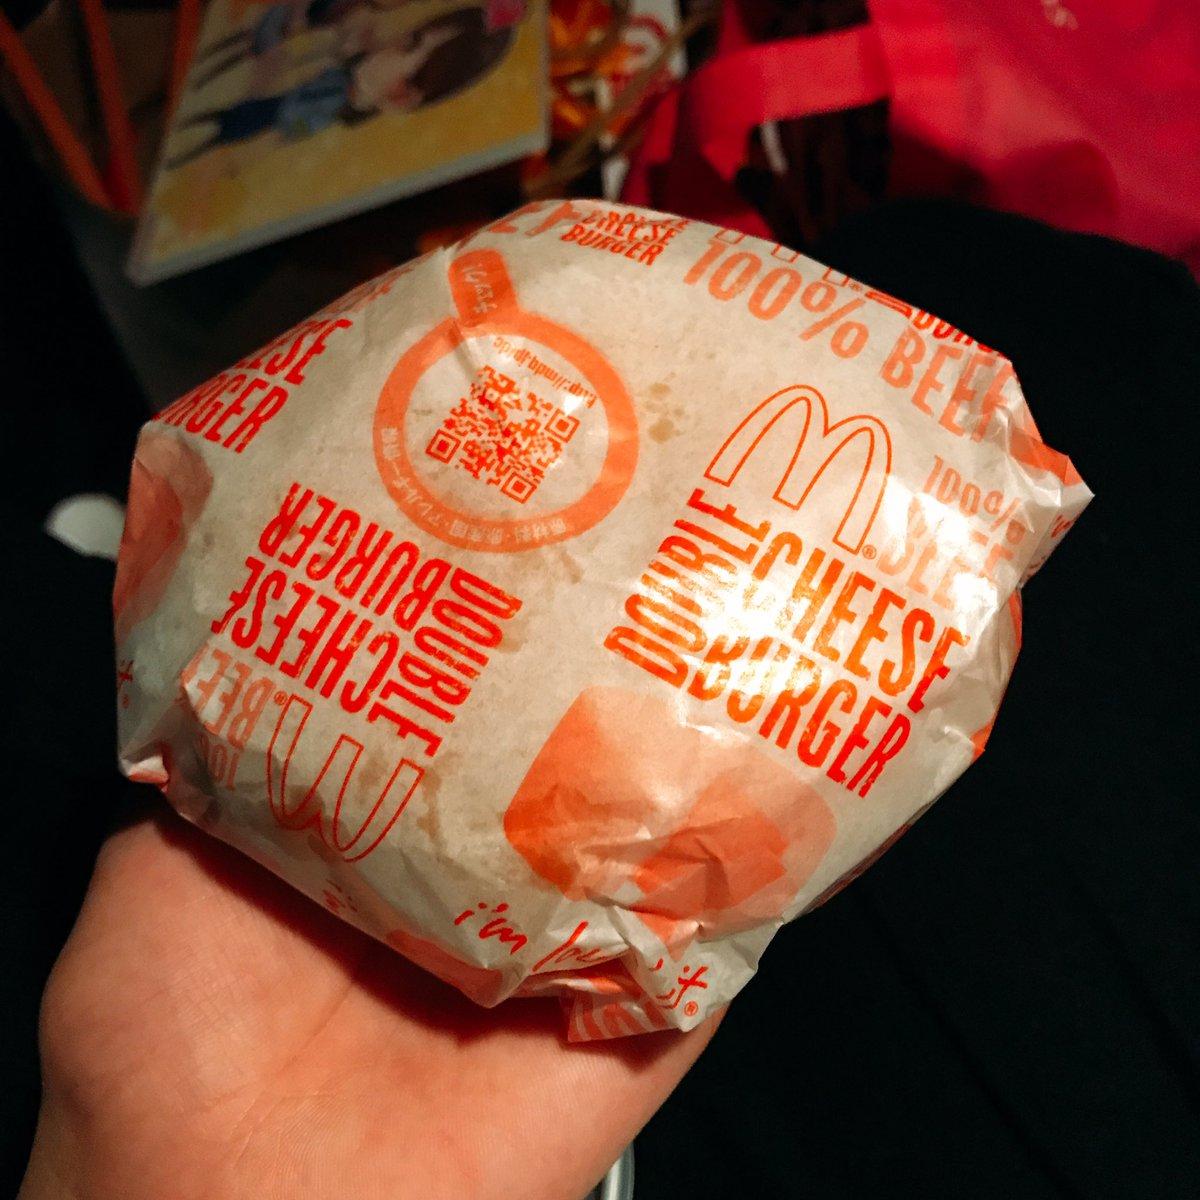 終わったら絶対食べようと思ってた…!。゚(゚´v`゚)゚。 やっぱマック大好きだーっ!